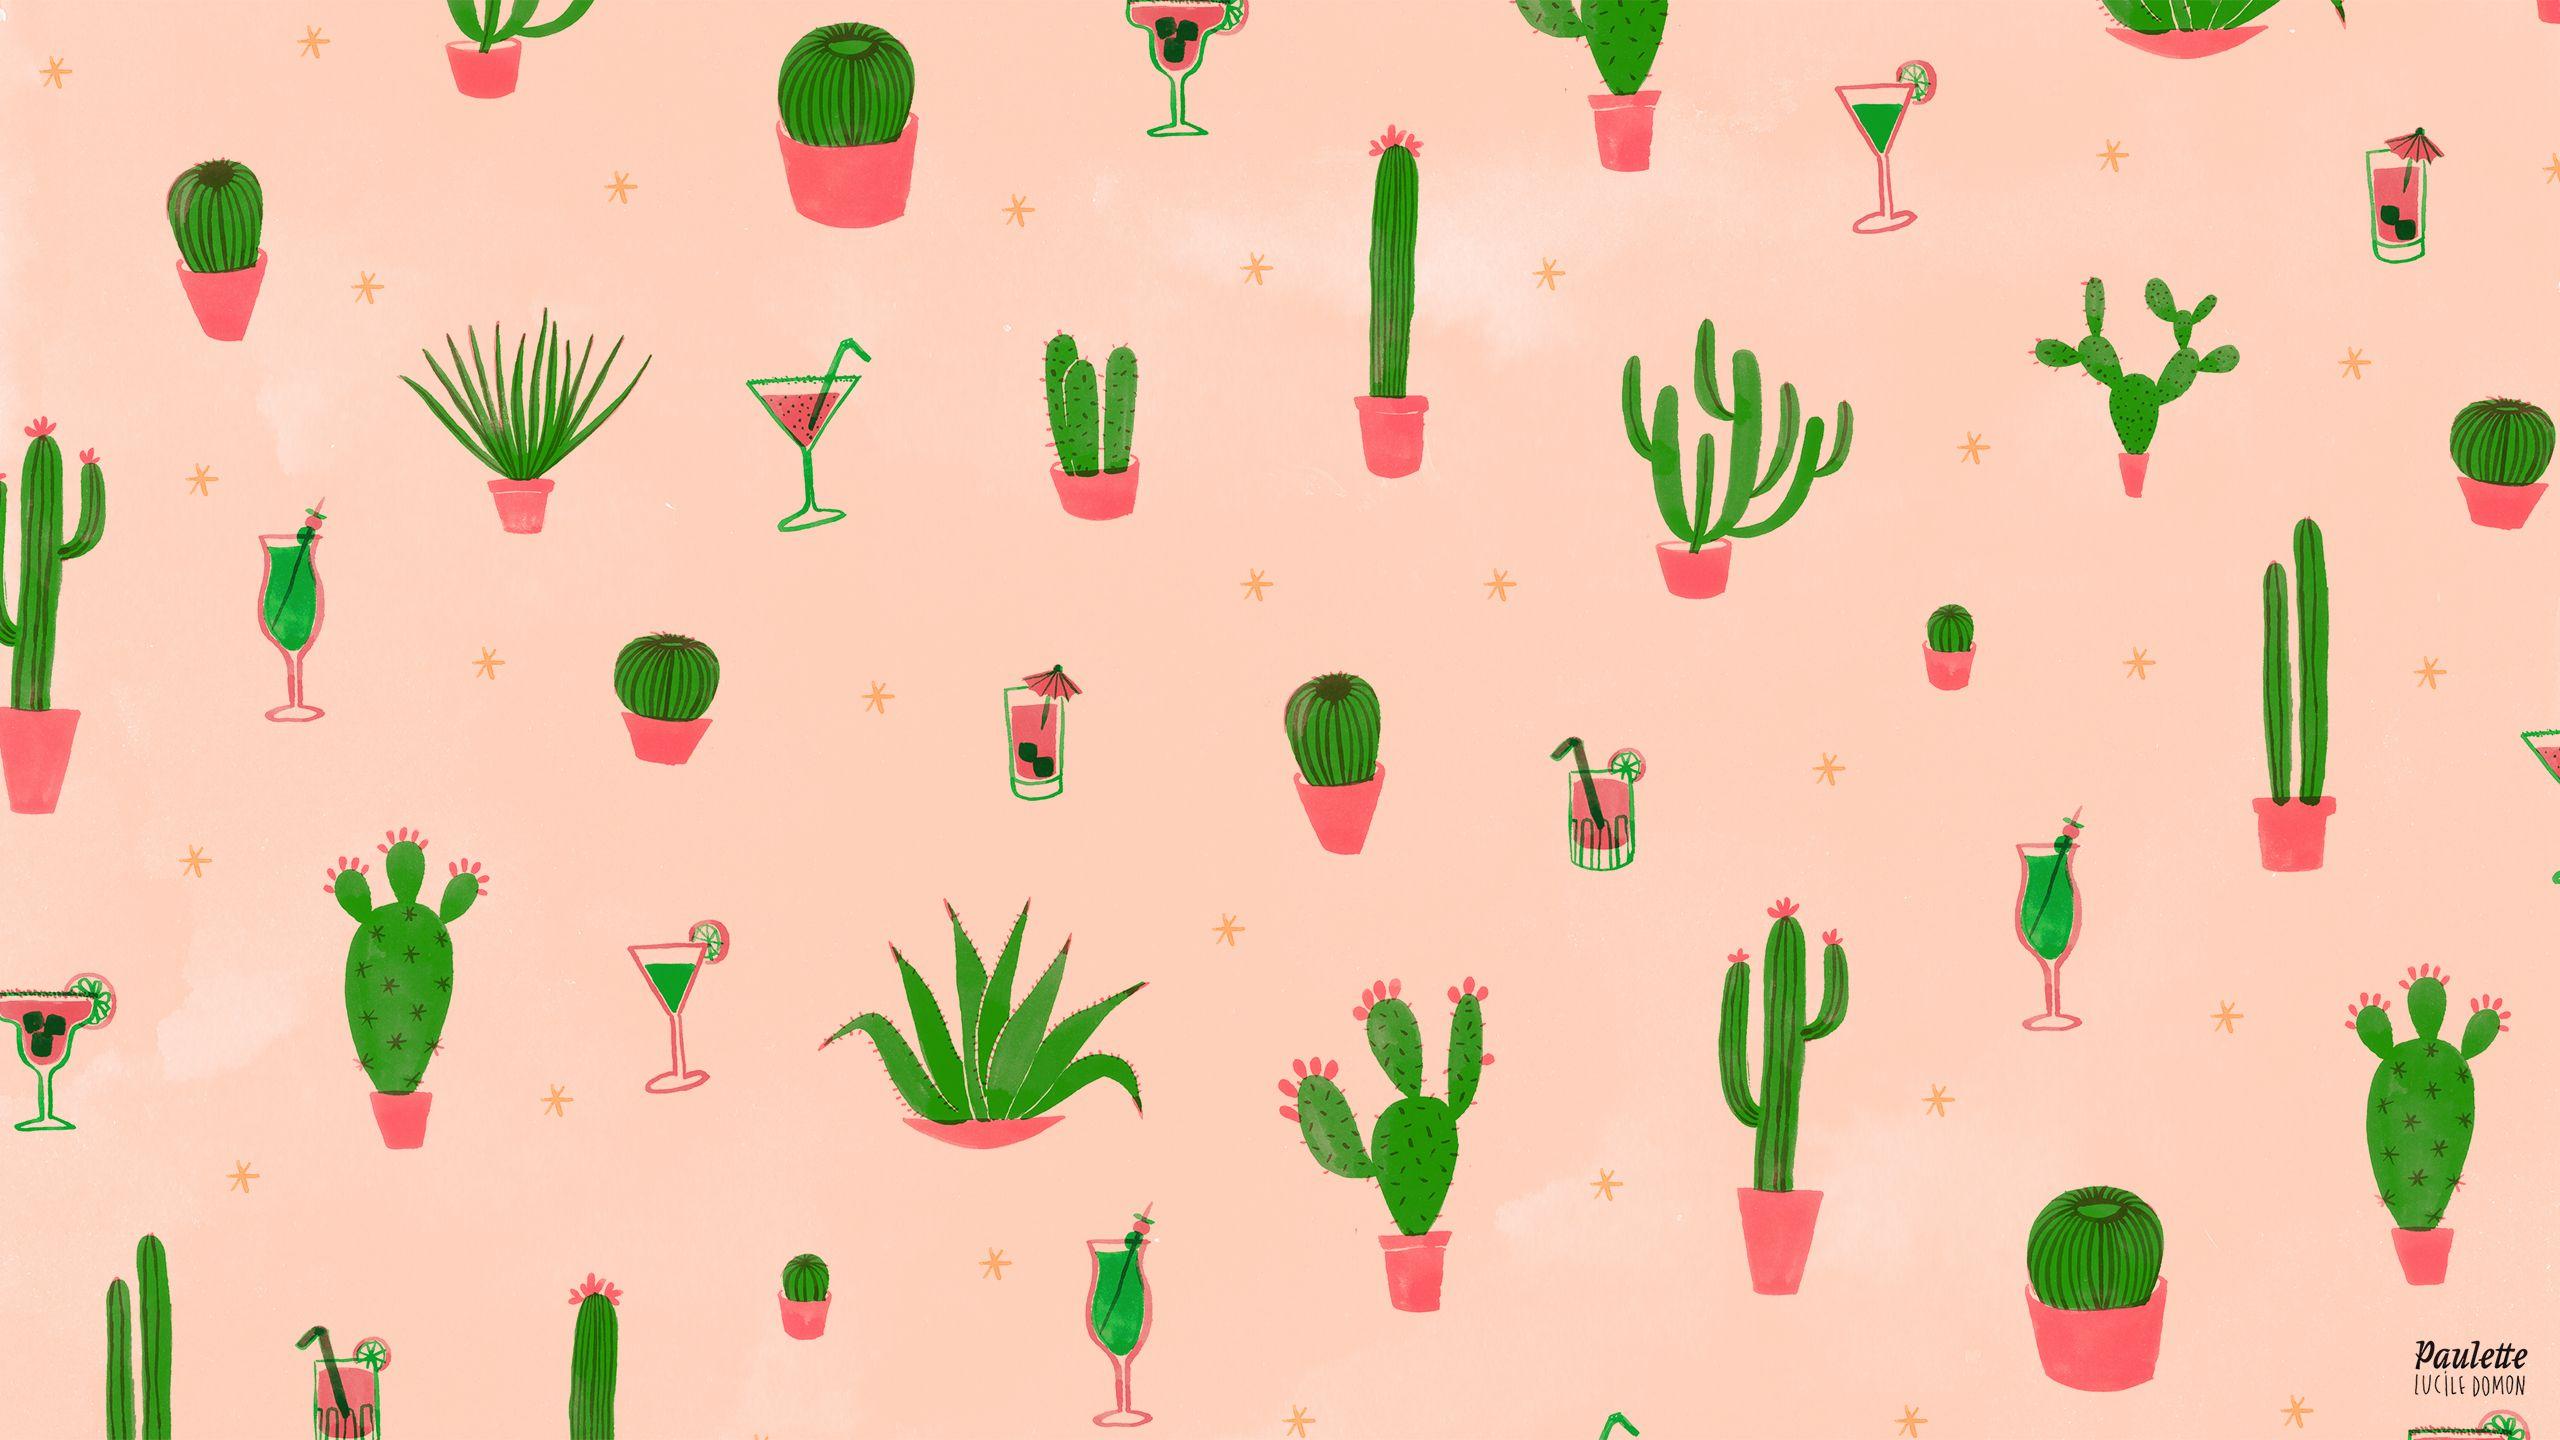 Illustration De Lucile Domon Fondos De Cactus Wallpaper Para Pc Fondos De Computadora